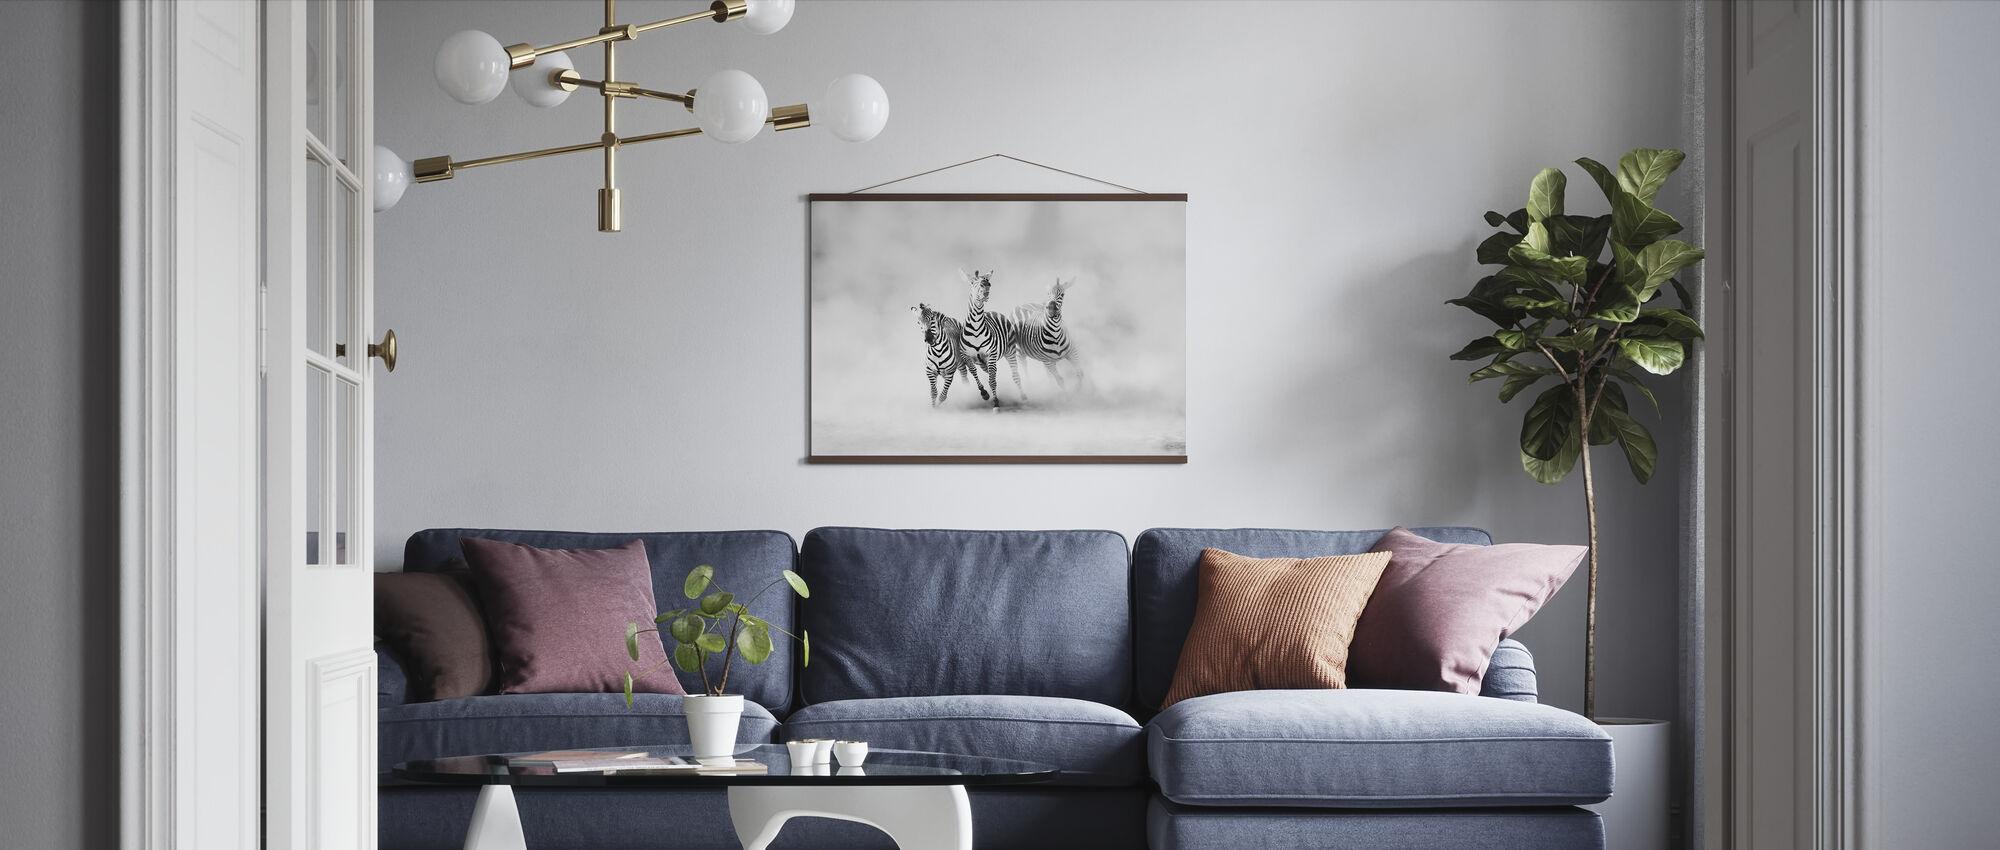 Zebras - Poster - Living Room